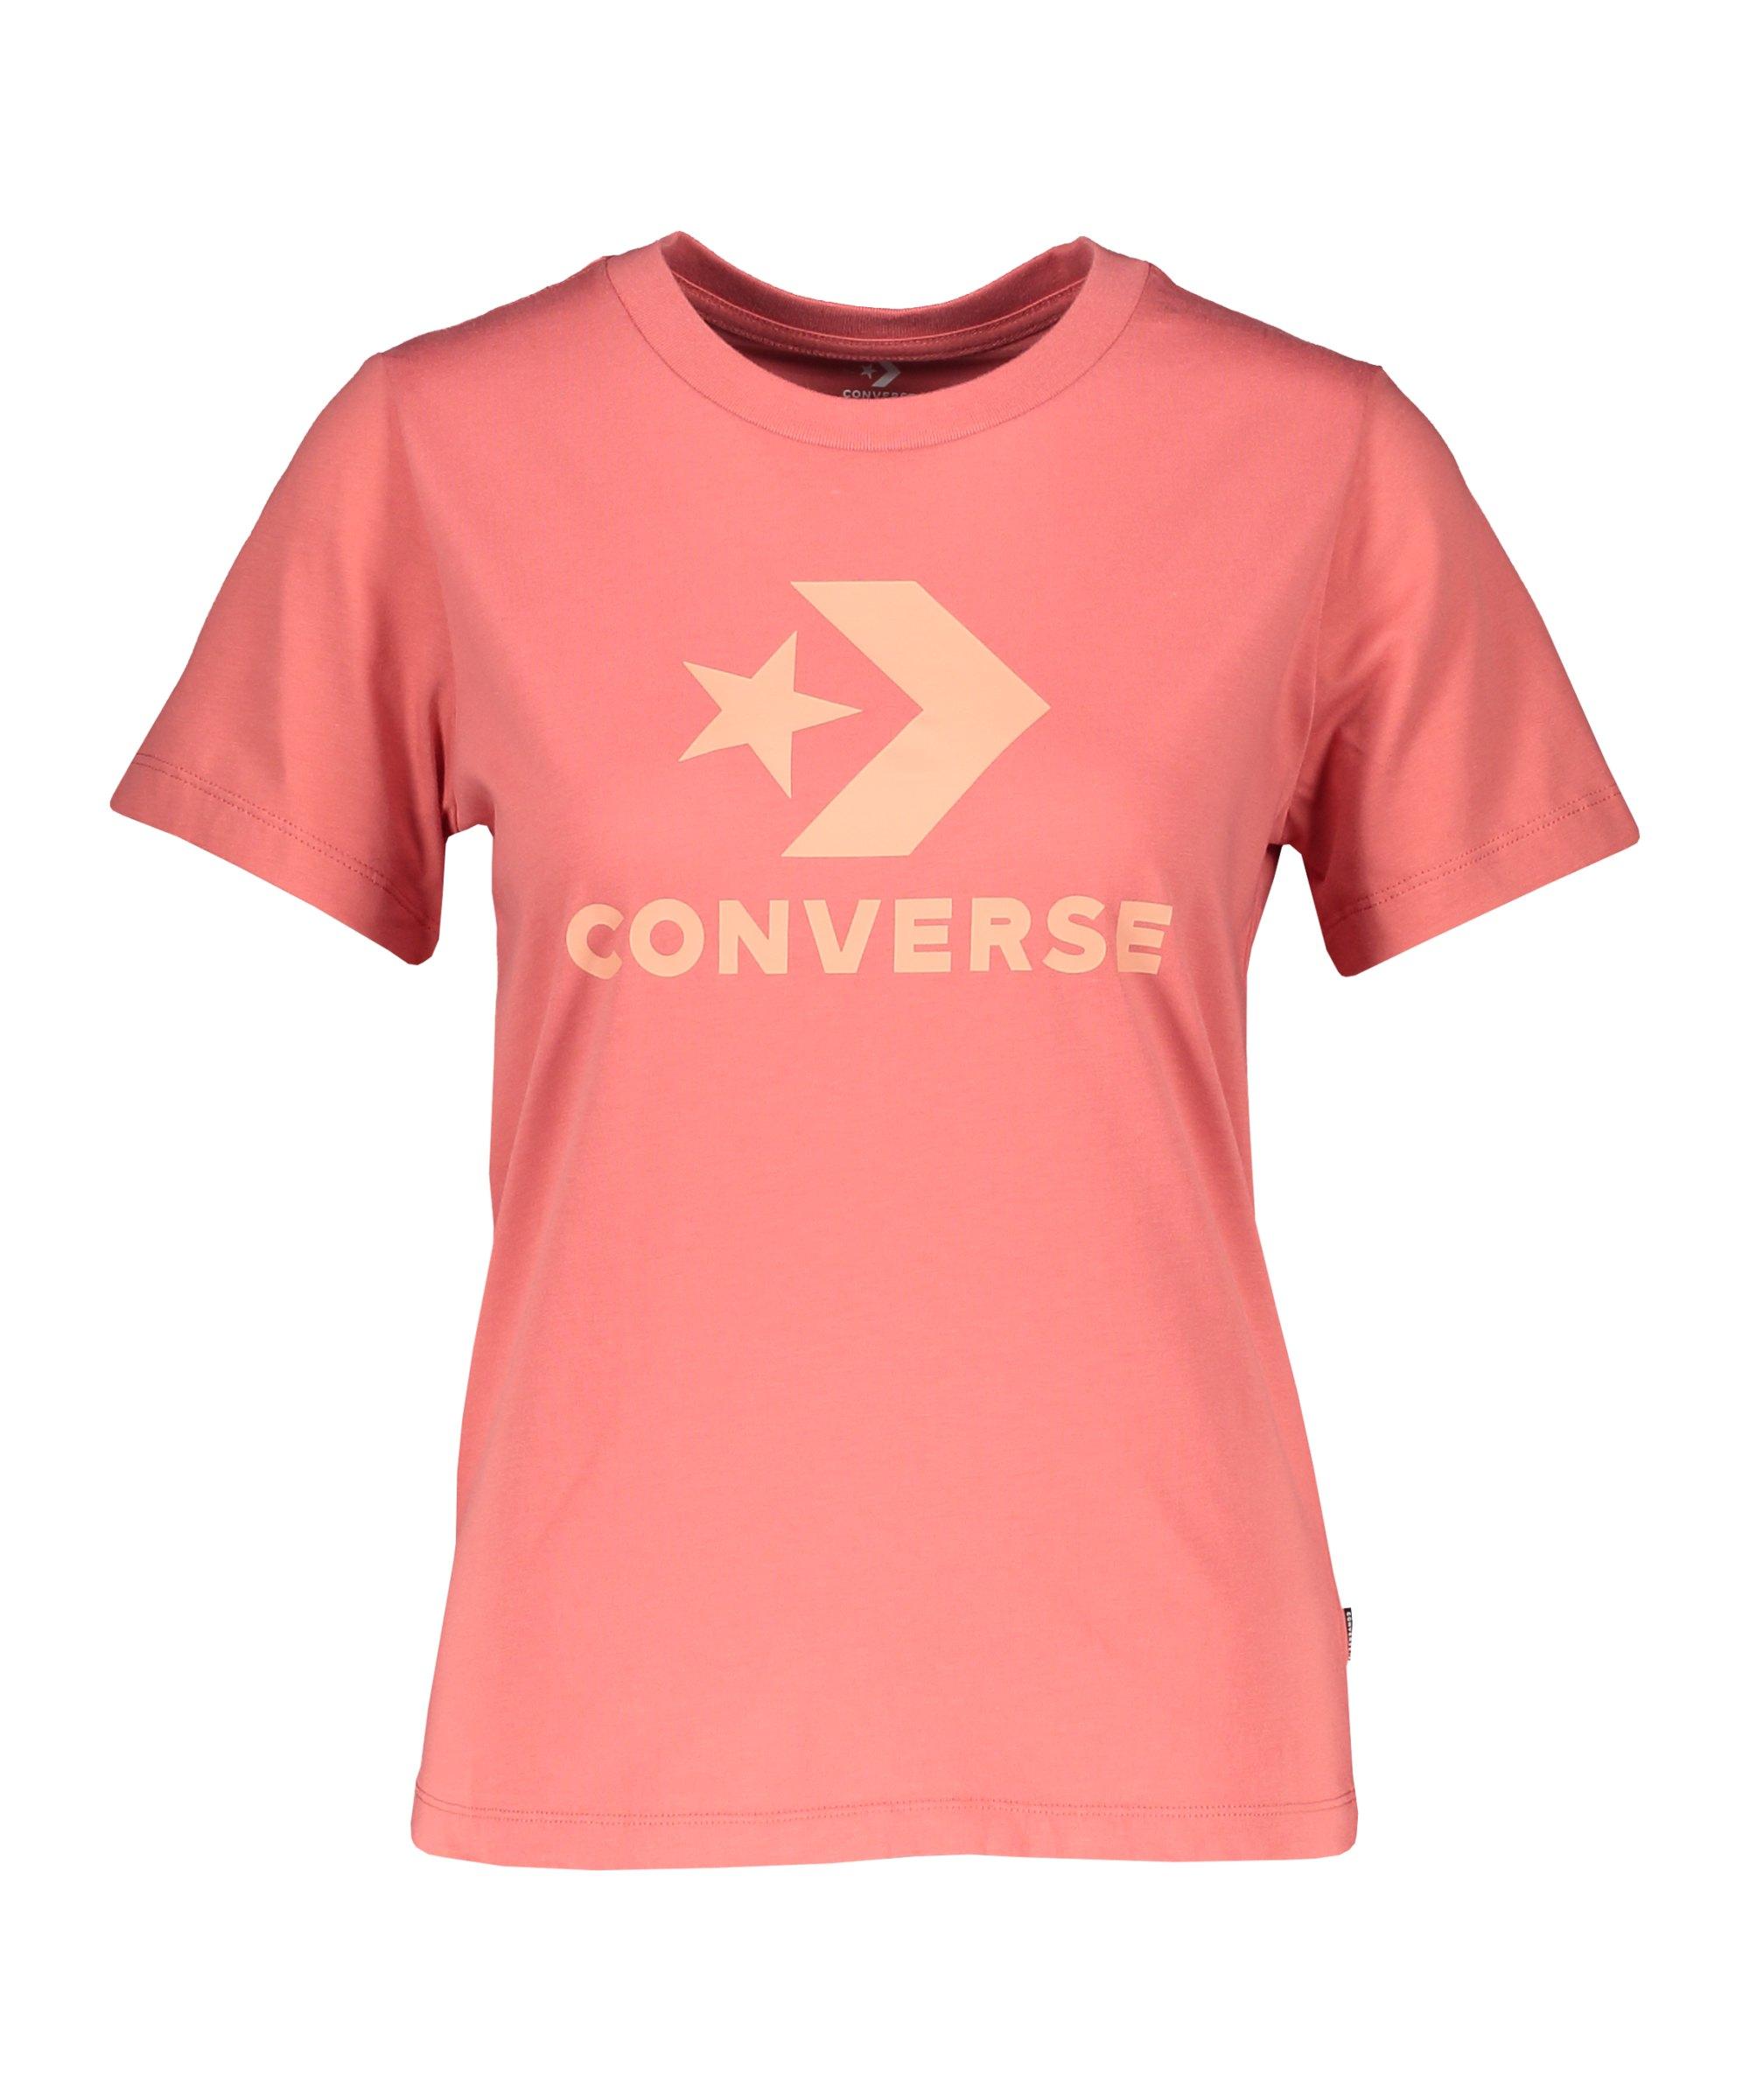 Converse Star Chevron Damen T-Shirt Pink F664 - pink